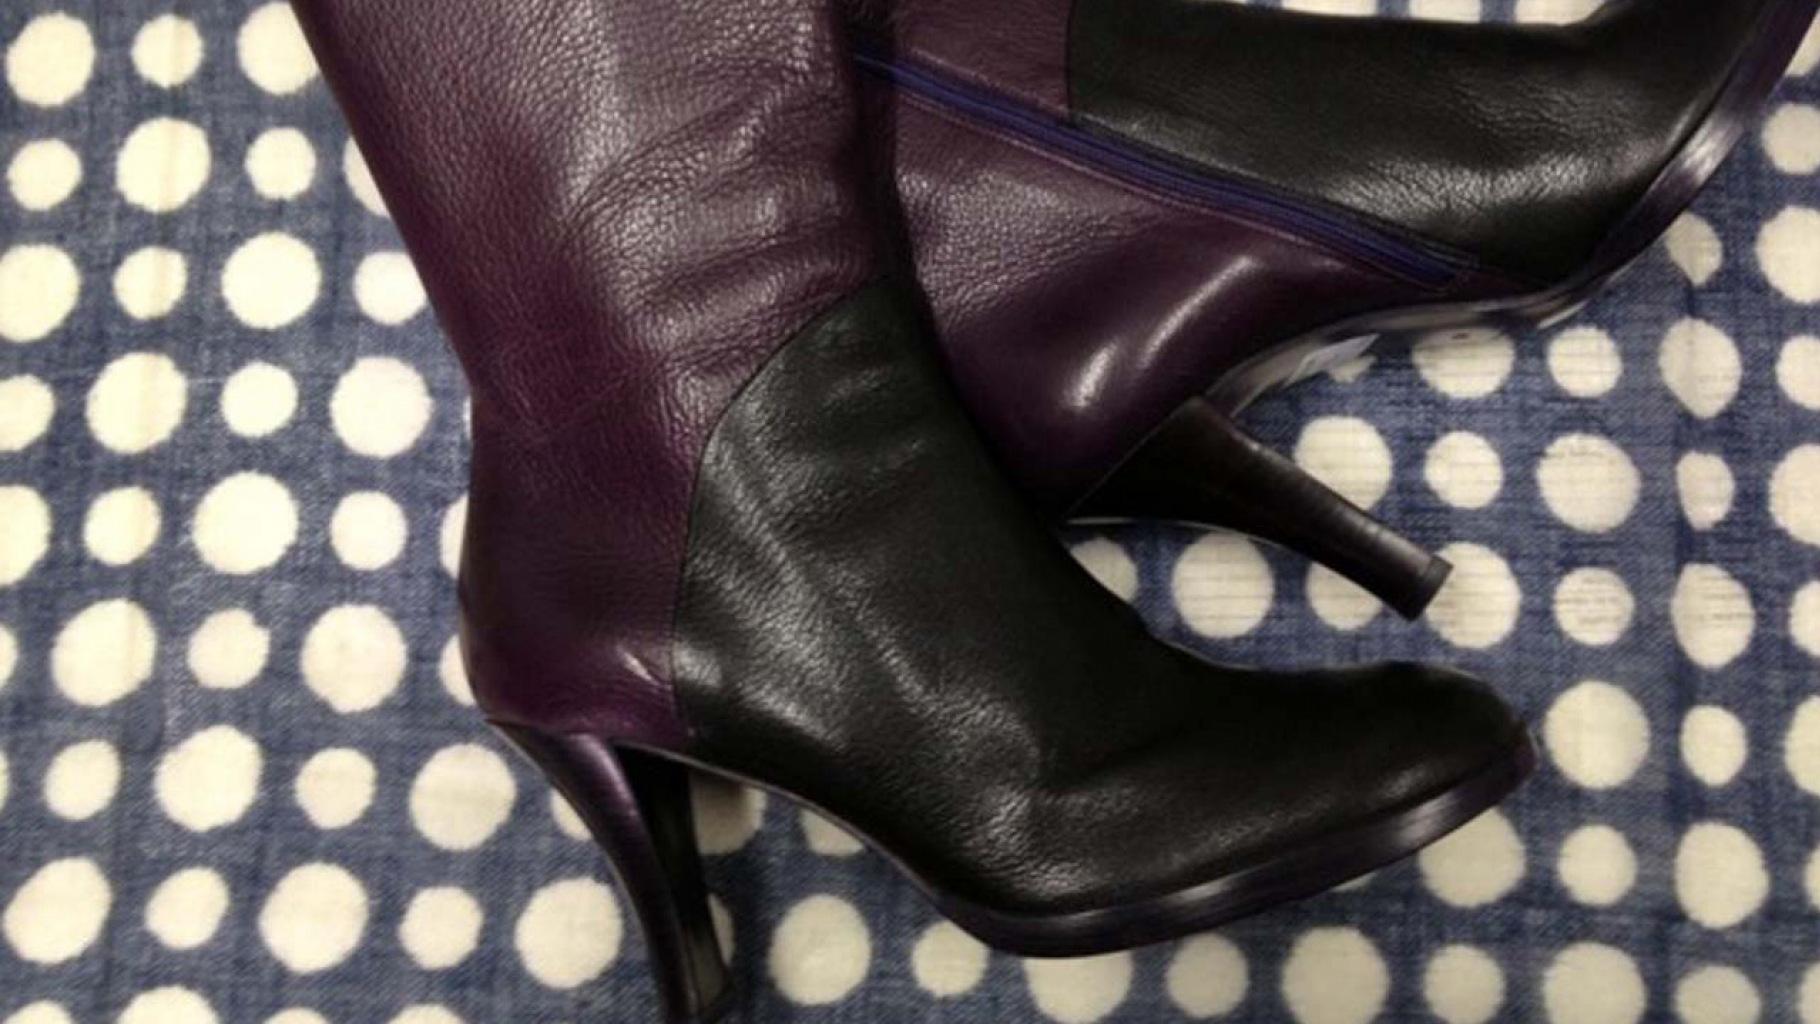 Stiefel und Stiefeletten gibt es im Oxfam Shop.